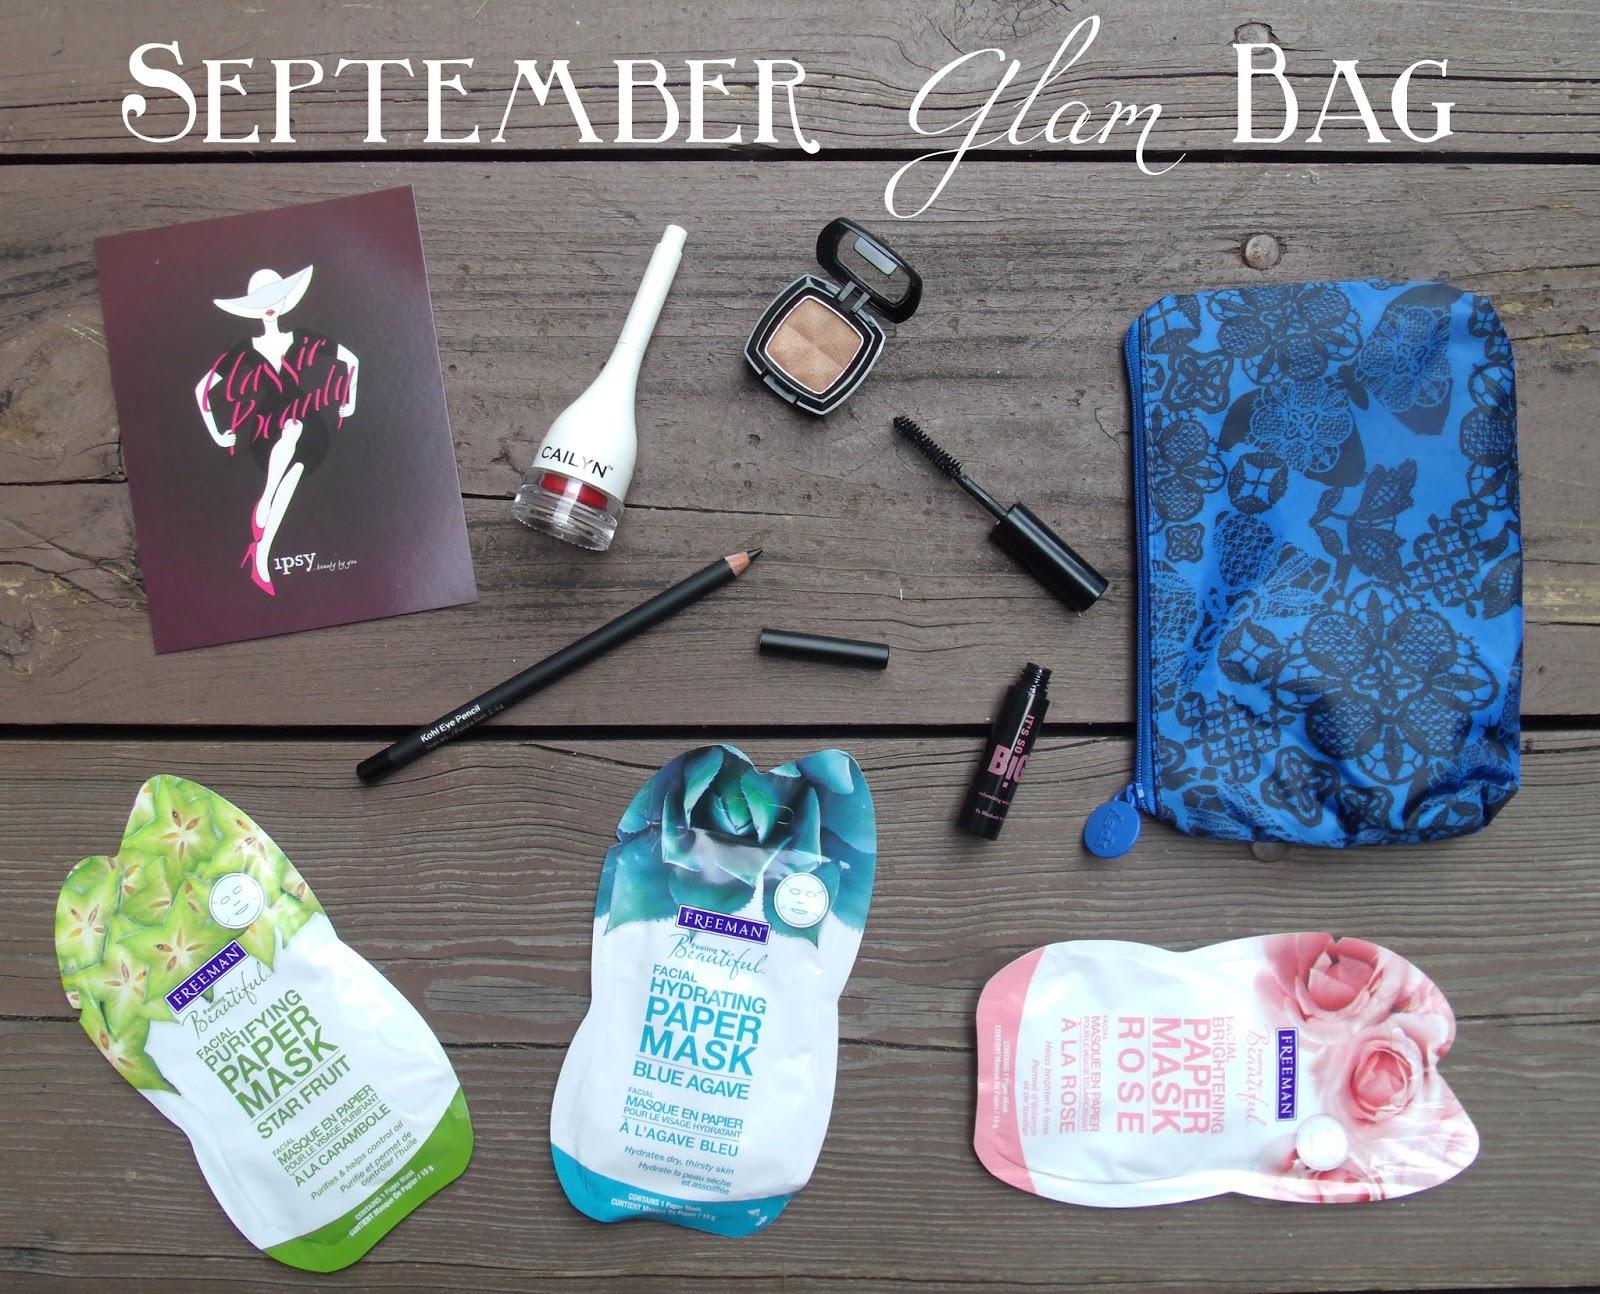 September 2013: Style & Books: Ipsy Glam Bag (September